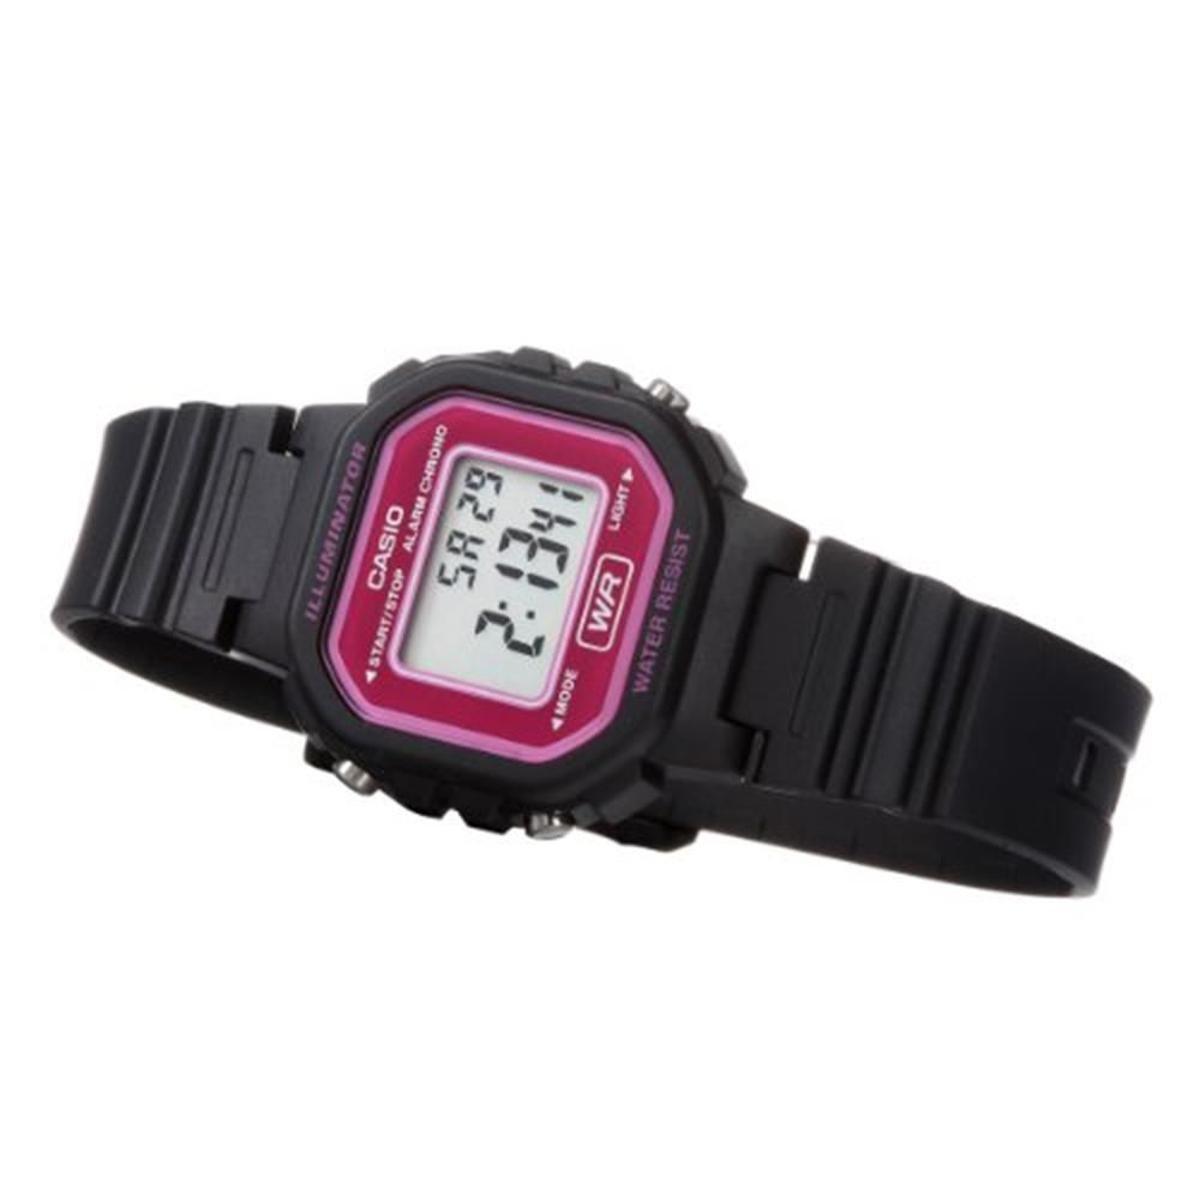 66ff8c62e55 Relógio Feminino Casio Digital - Preto e Pink - Compre Agora